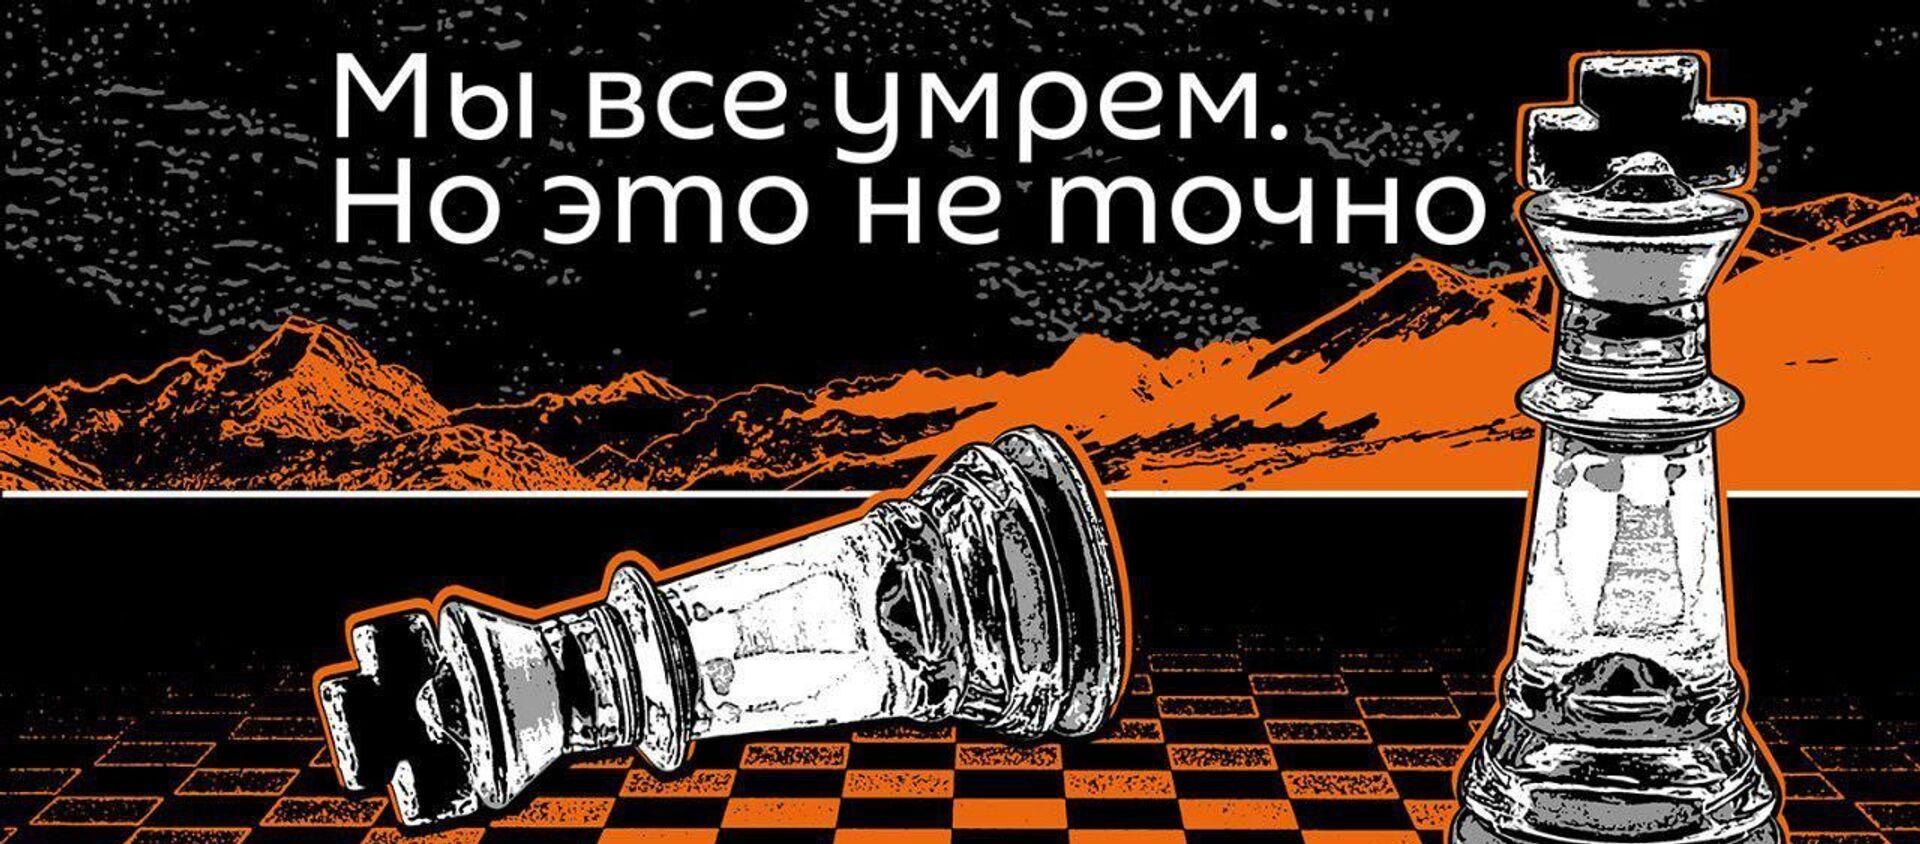 Мы все умрём. Колонизация солнечной системы - Sputnik Абхазия, 1920, 20.02.2021